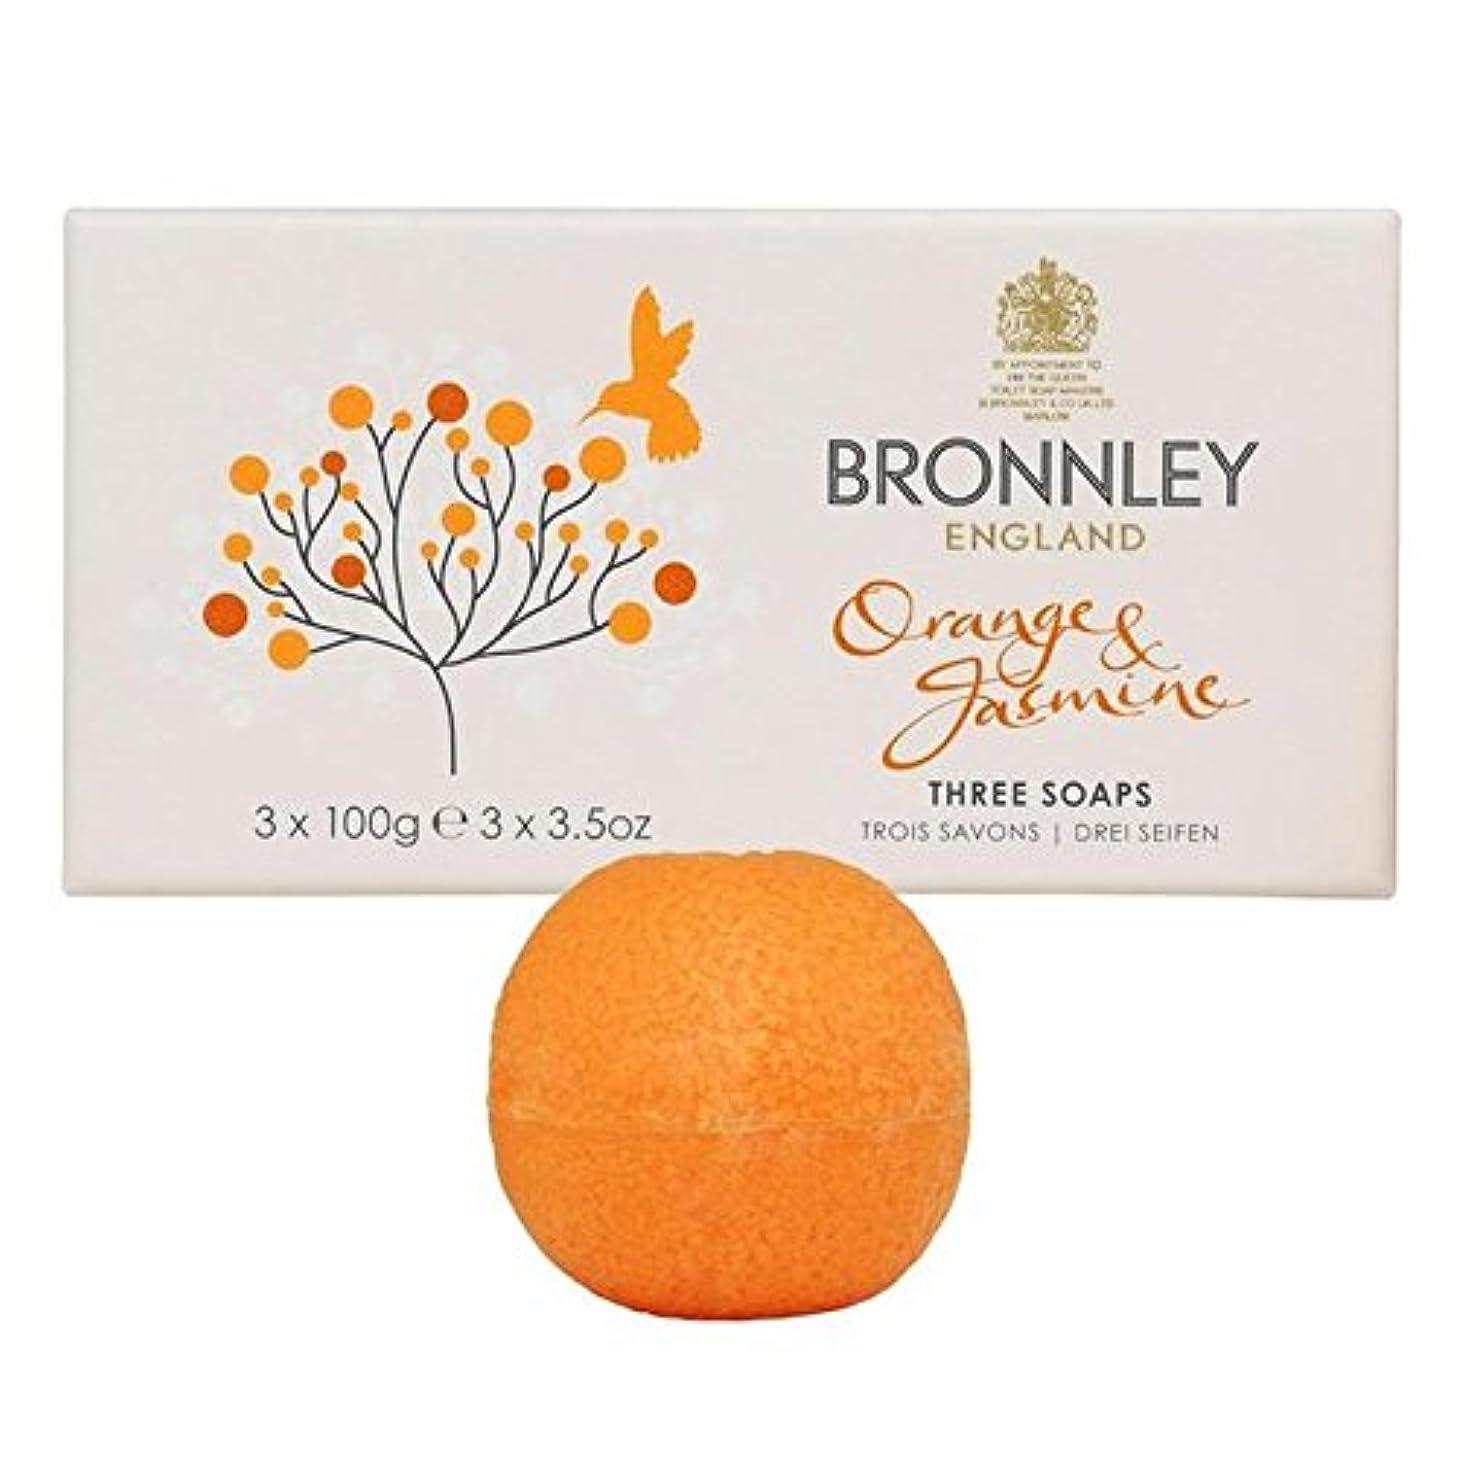 上下する義務的掘るオレンジ&ジャスミン石鹸3×100グラム x2 - Bronnley Orange & Jasmine Soaps 3 x 100g (Pack of 2) [並行輸入品]